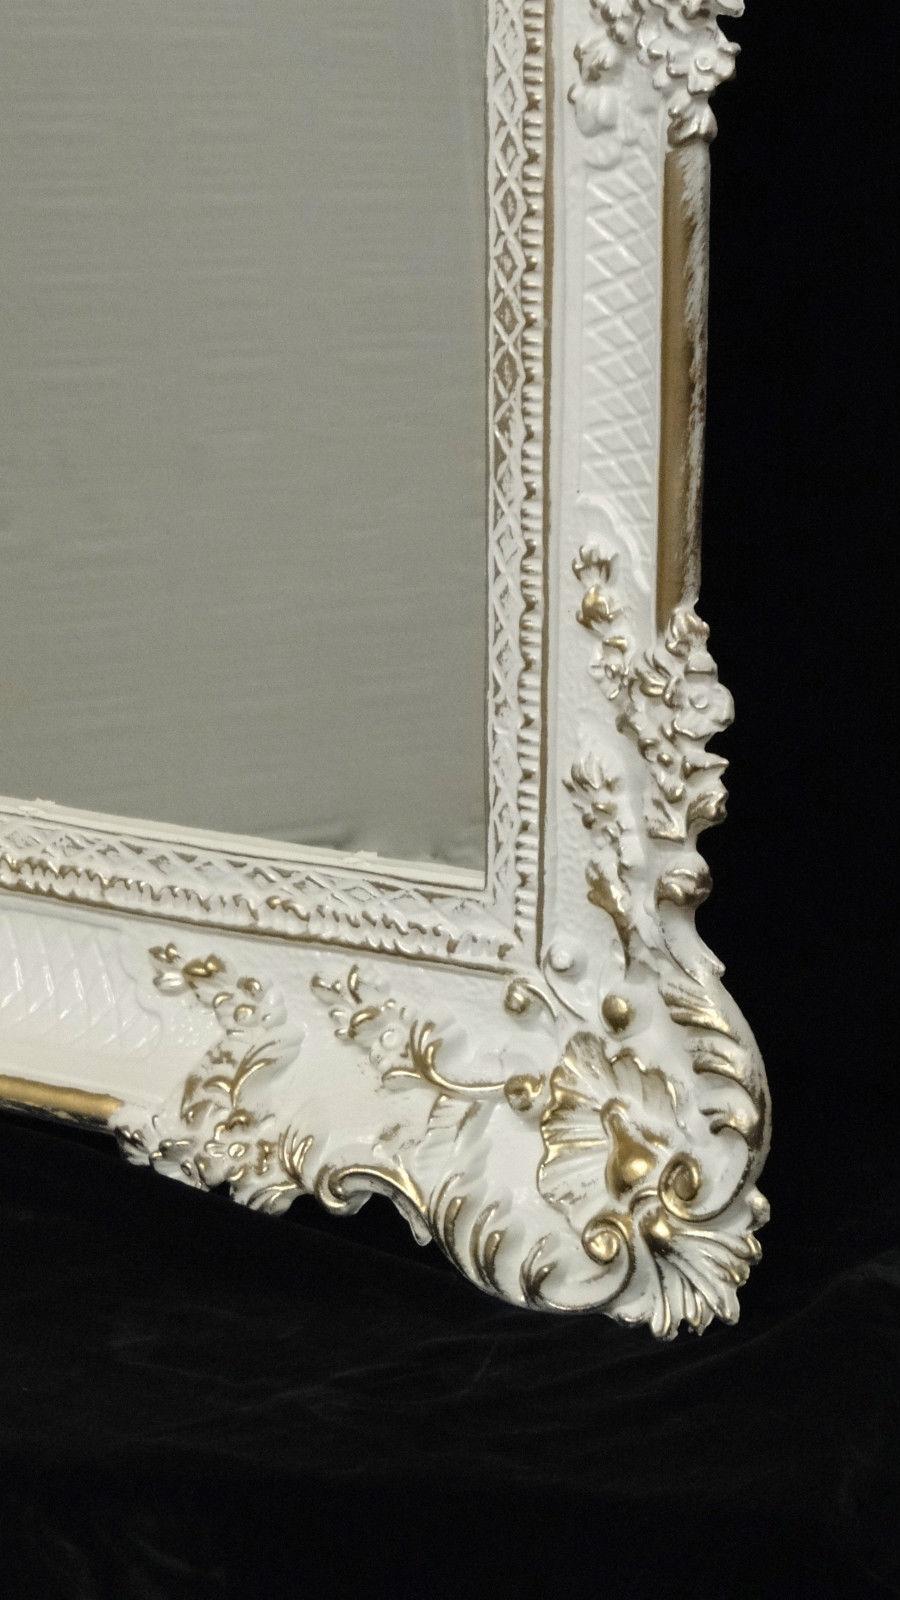 bilderrahmen barock hochzeitsrahmen wei gold antik 97x57 bilderrahmen gro xxl kaufen bei. Black Bedroom Furniture Sets. Home Design Ideas